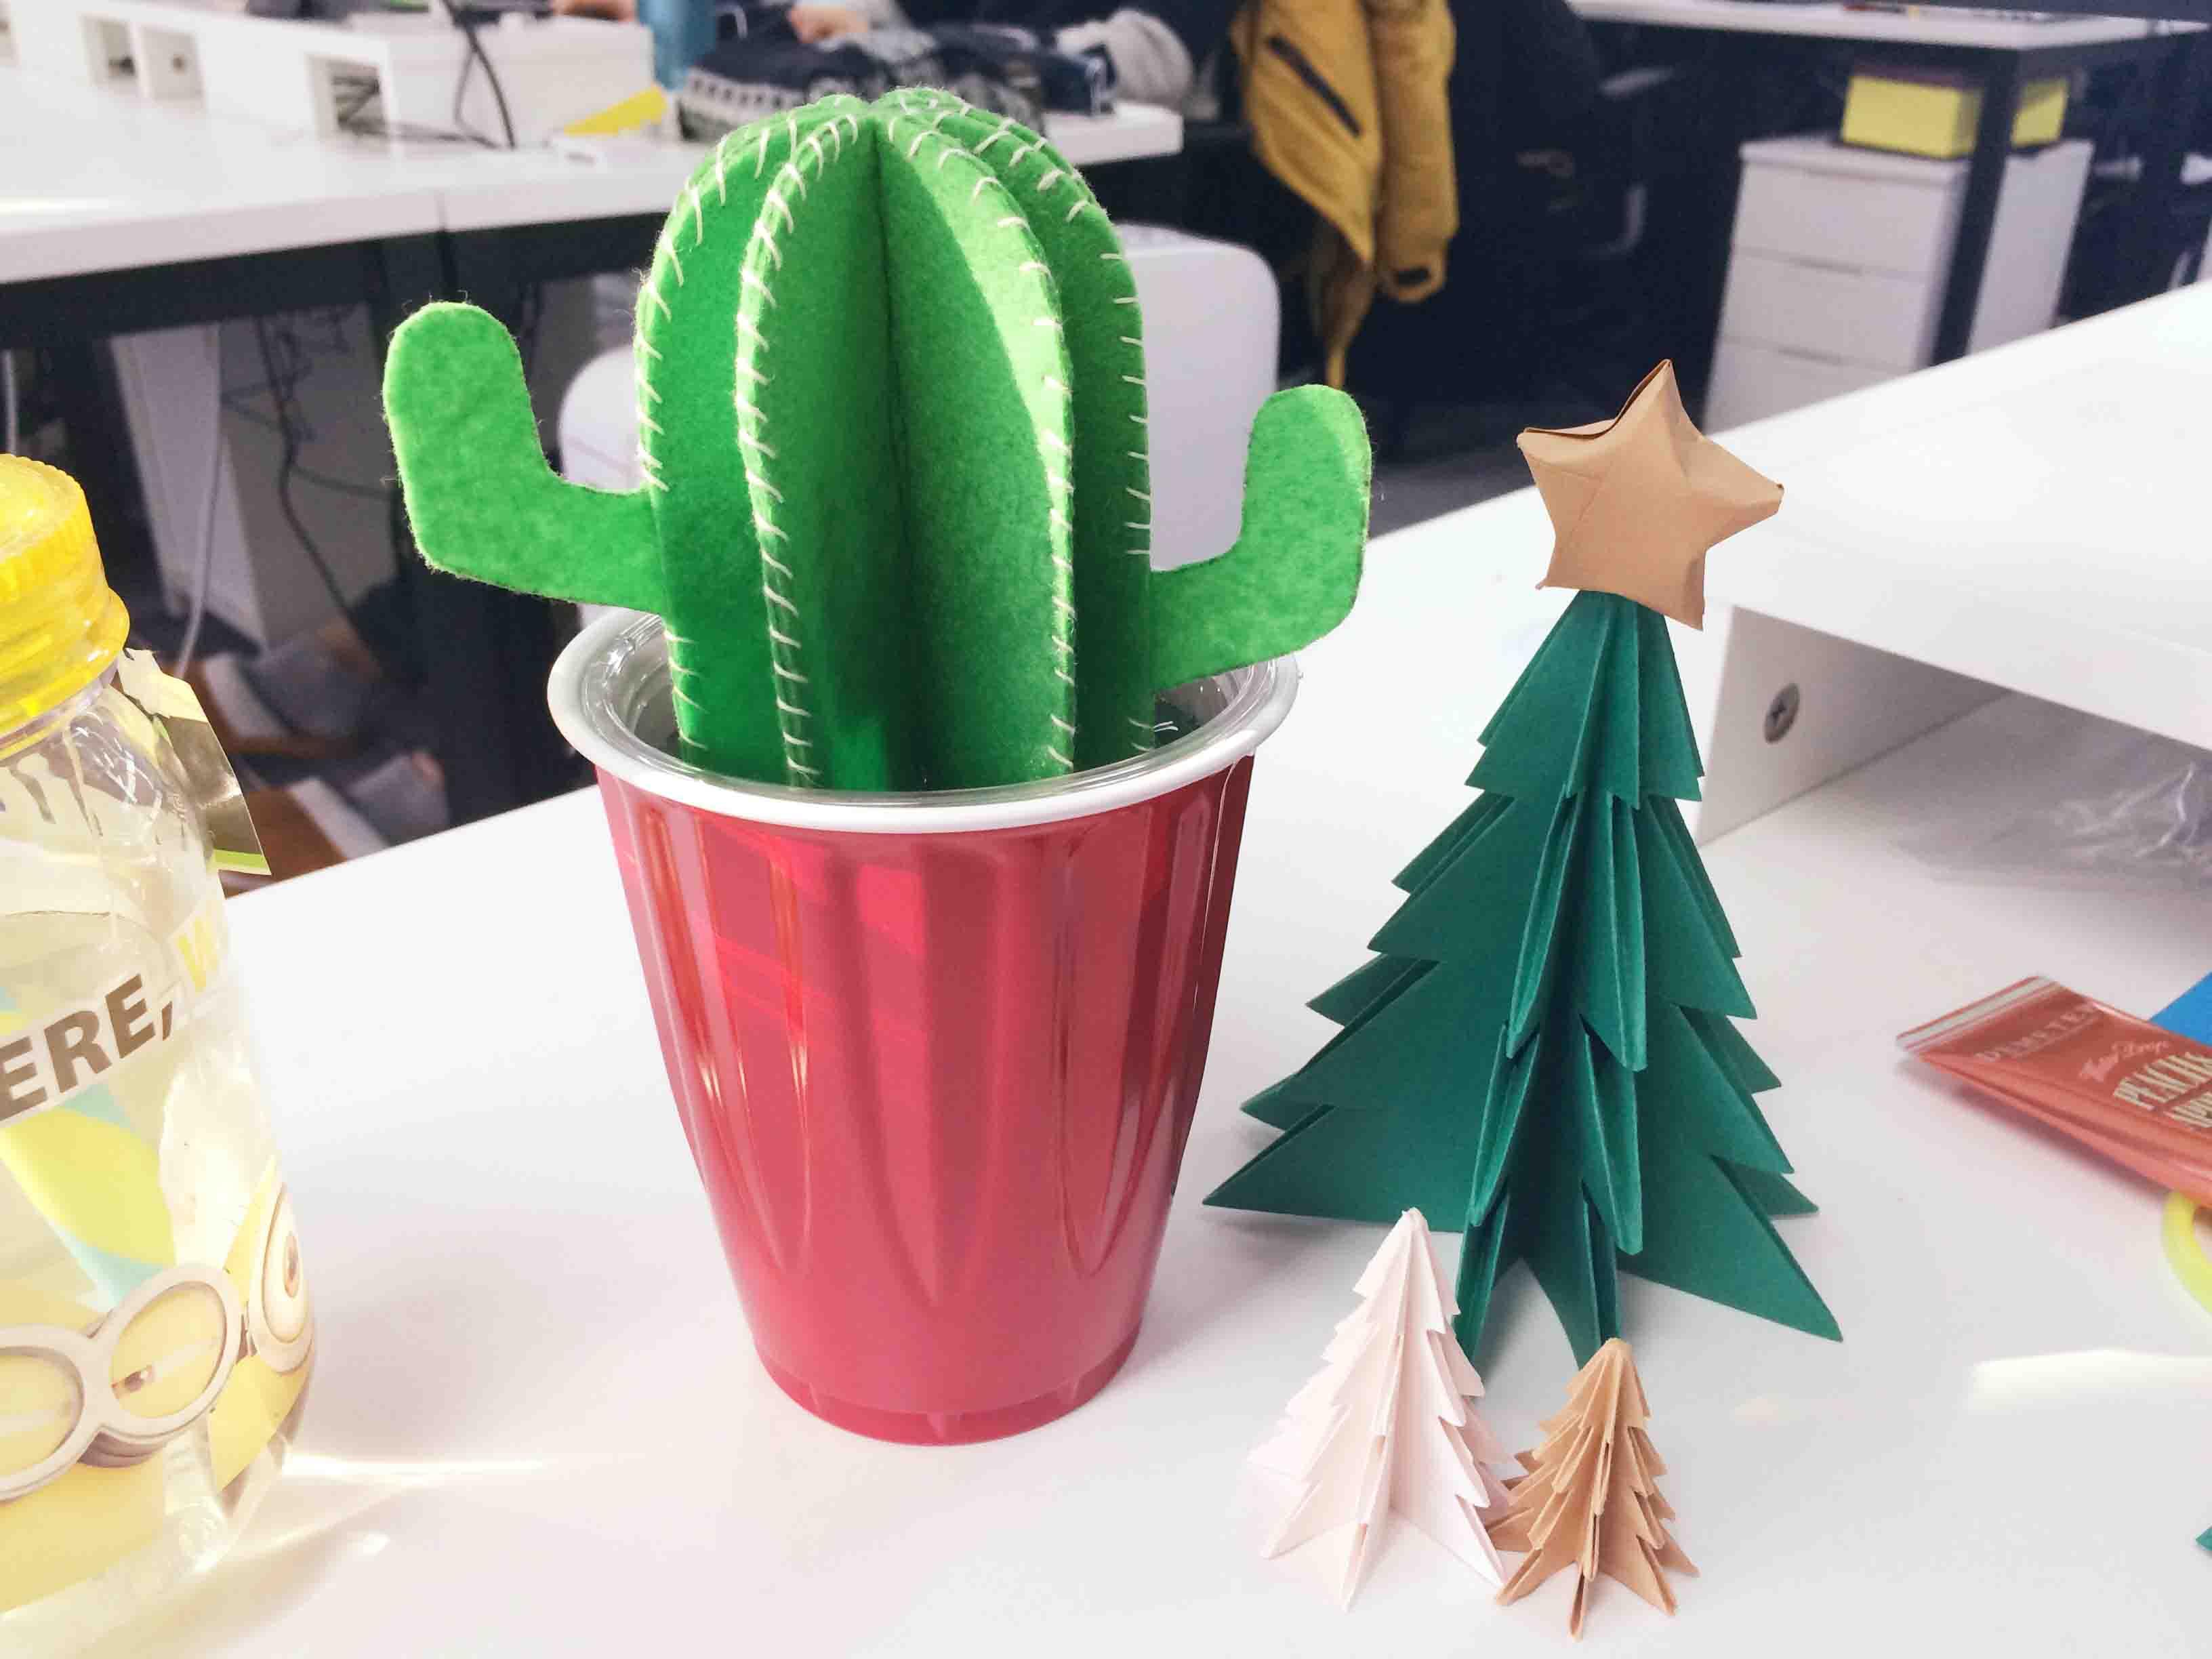 放在辦公桌的一角....可以保證自己周圍都濕濕潤潤的呢..♥ (看到了嗎?倫家是之前的聖誕樹喲)